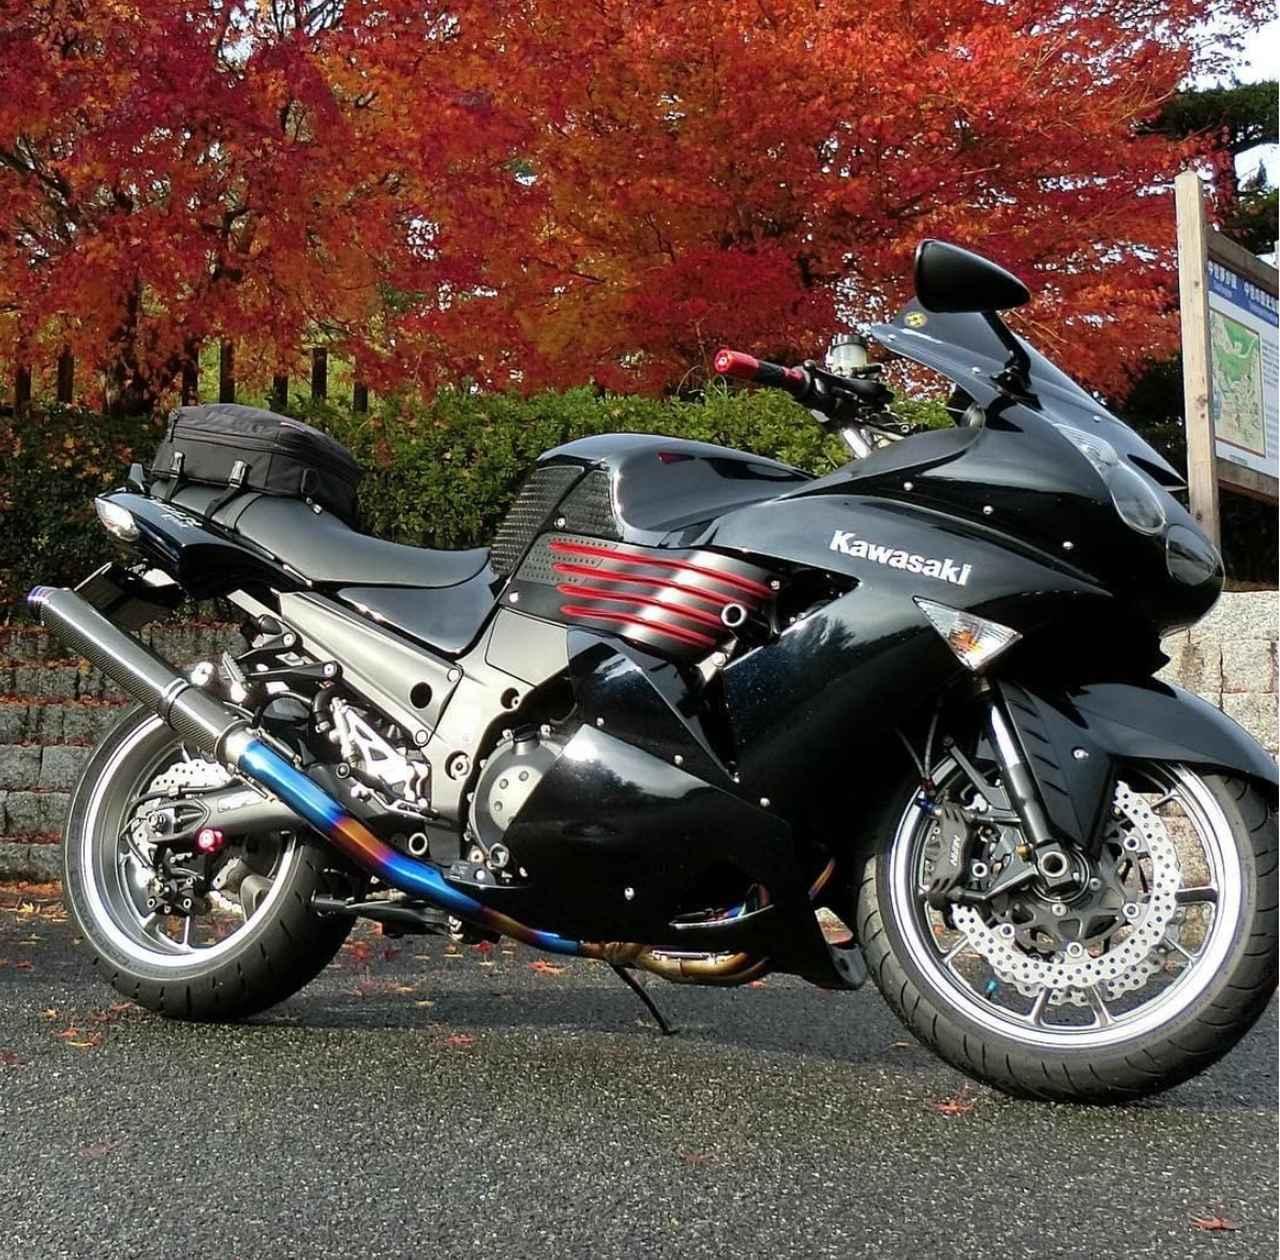 画像: まるで尻尾が生えてる?!美しいサイレンサーカワサキ ZZR1400の一枚【グラカワインスタ紹介Vol.24】 - LAWRENCE - Motorcycle x Cars + α = Your Life.